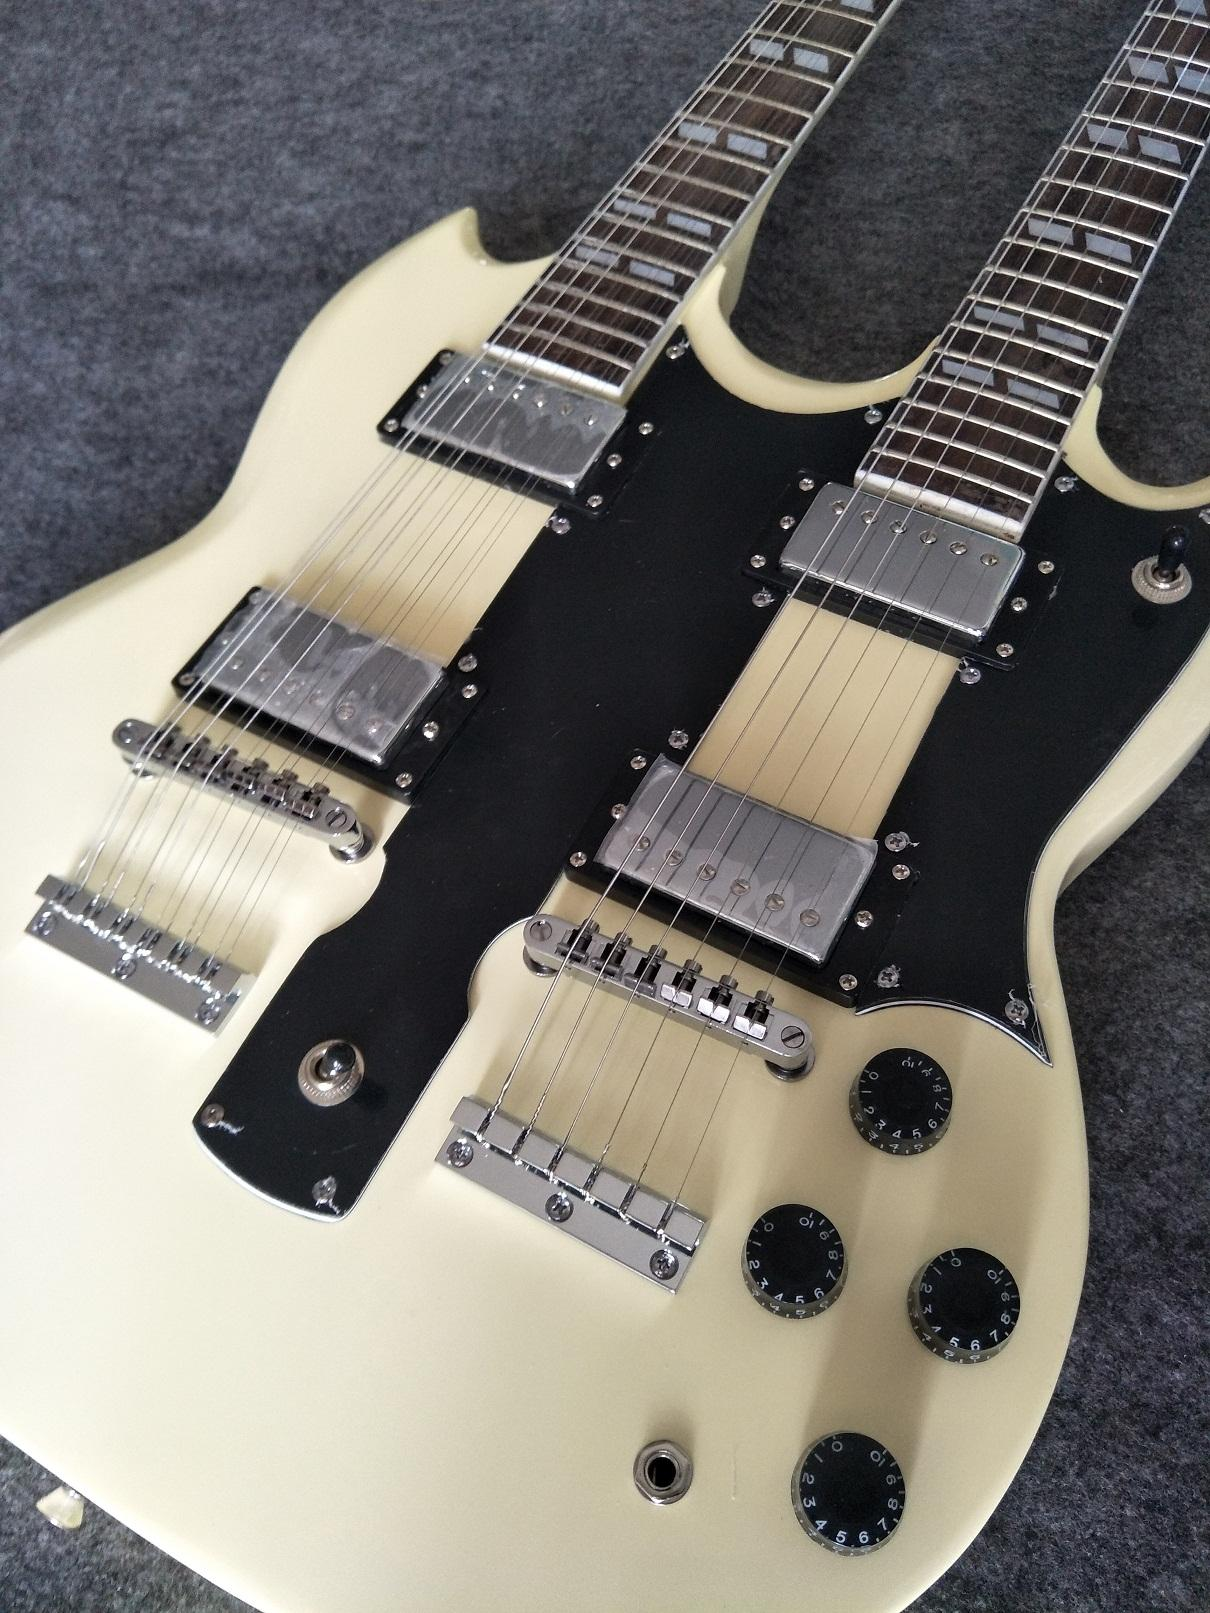 Двойная шея 12-струнная электрическая гитара, профессиональная электрическая электрическая электрическая электрическая гитара на заказ магазин многоцветный дополнительный китайский заводский завод